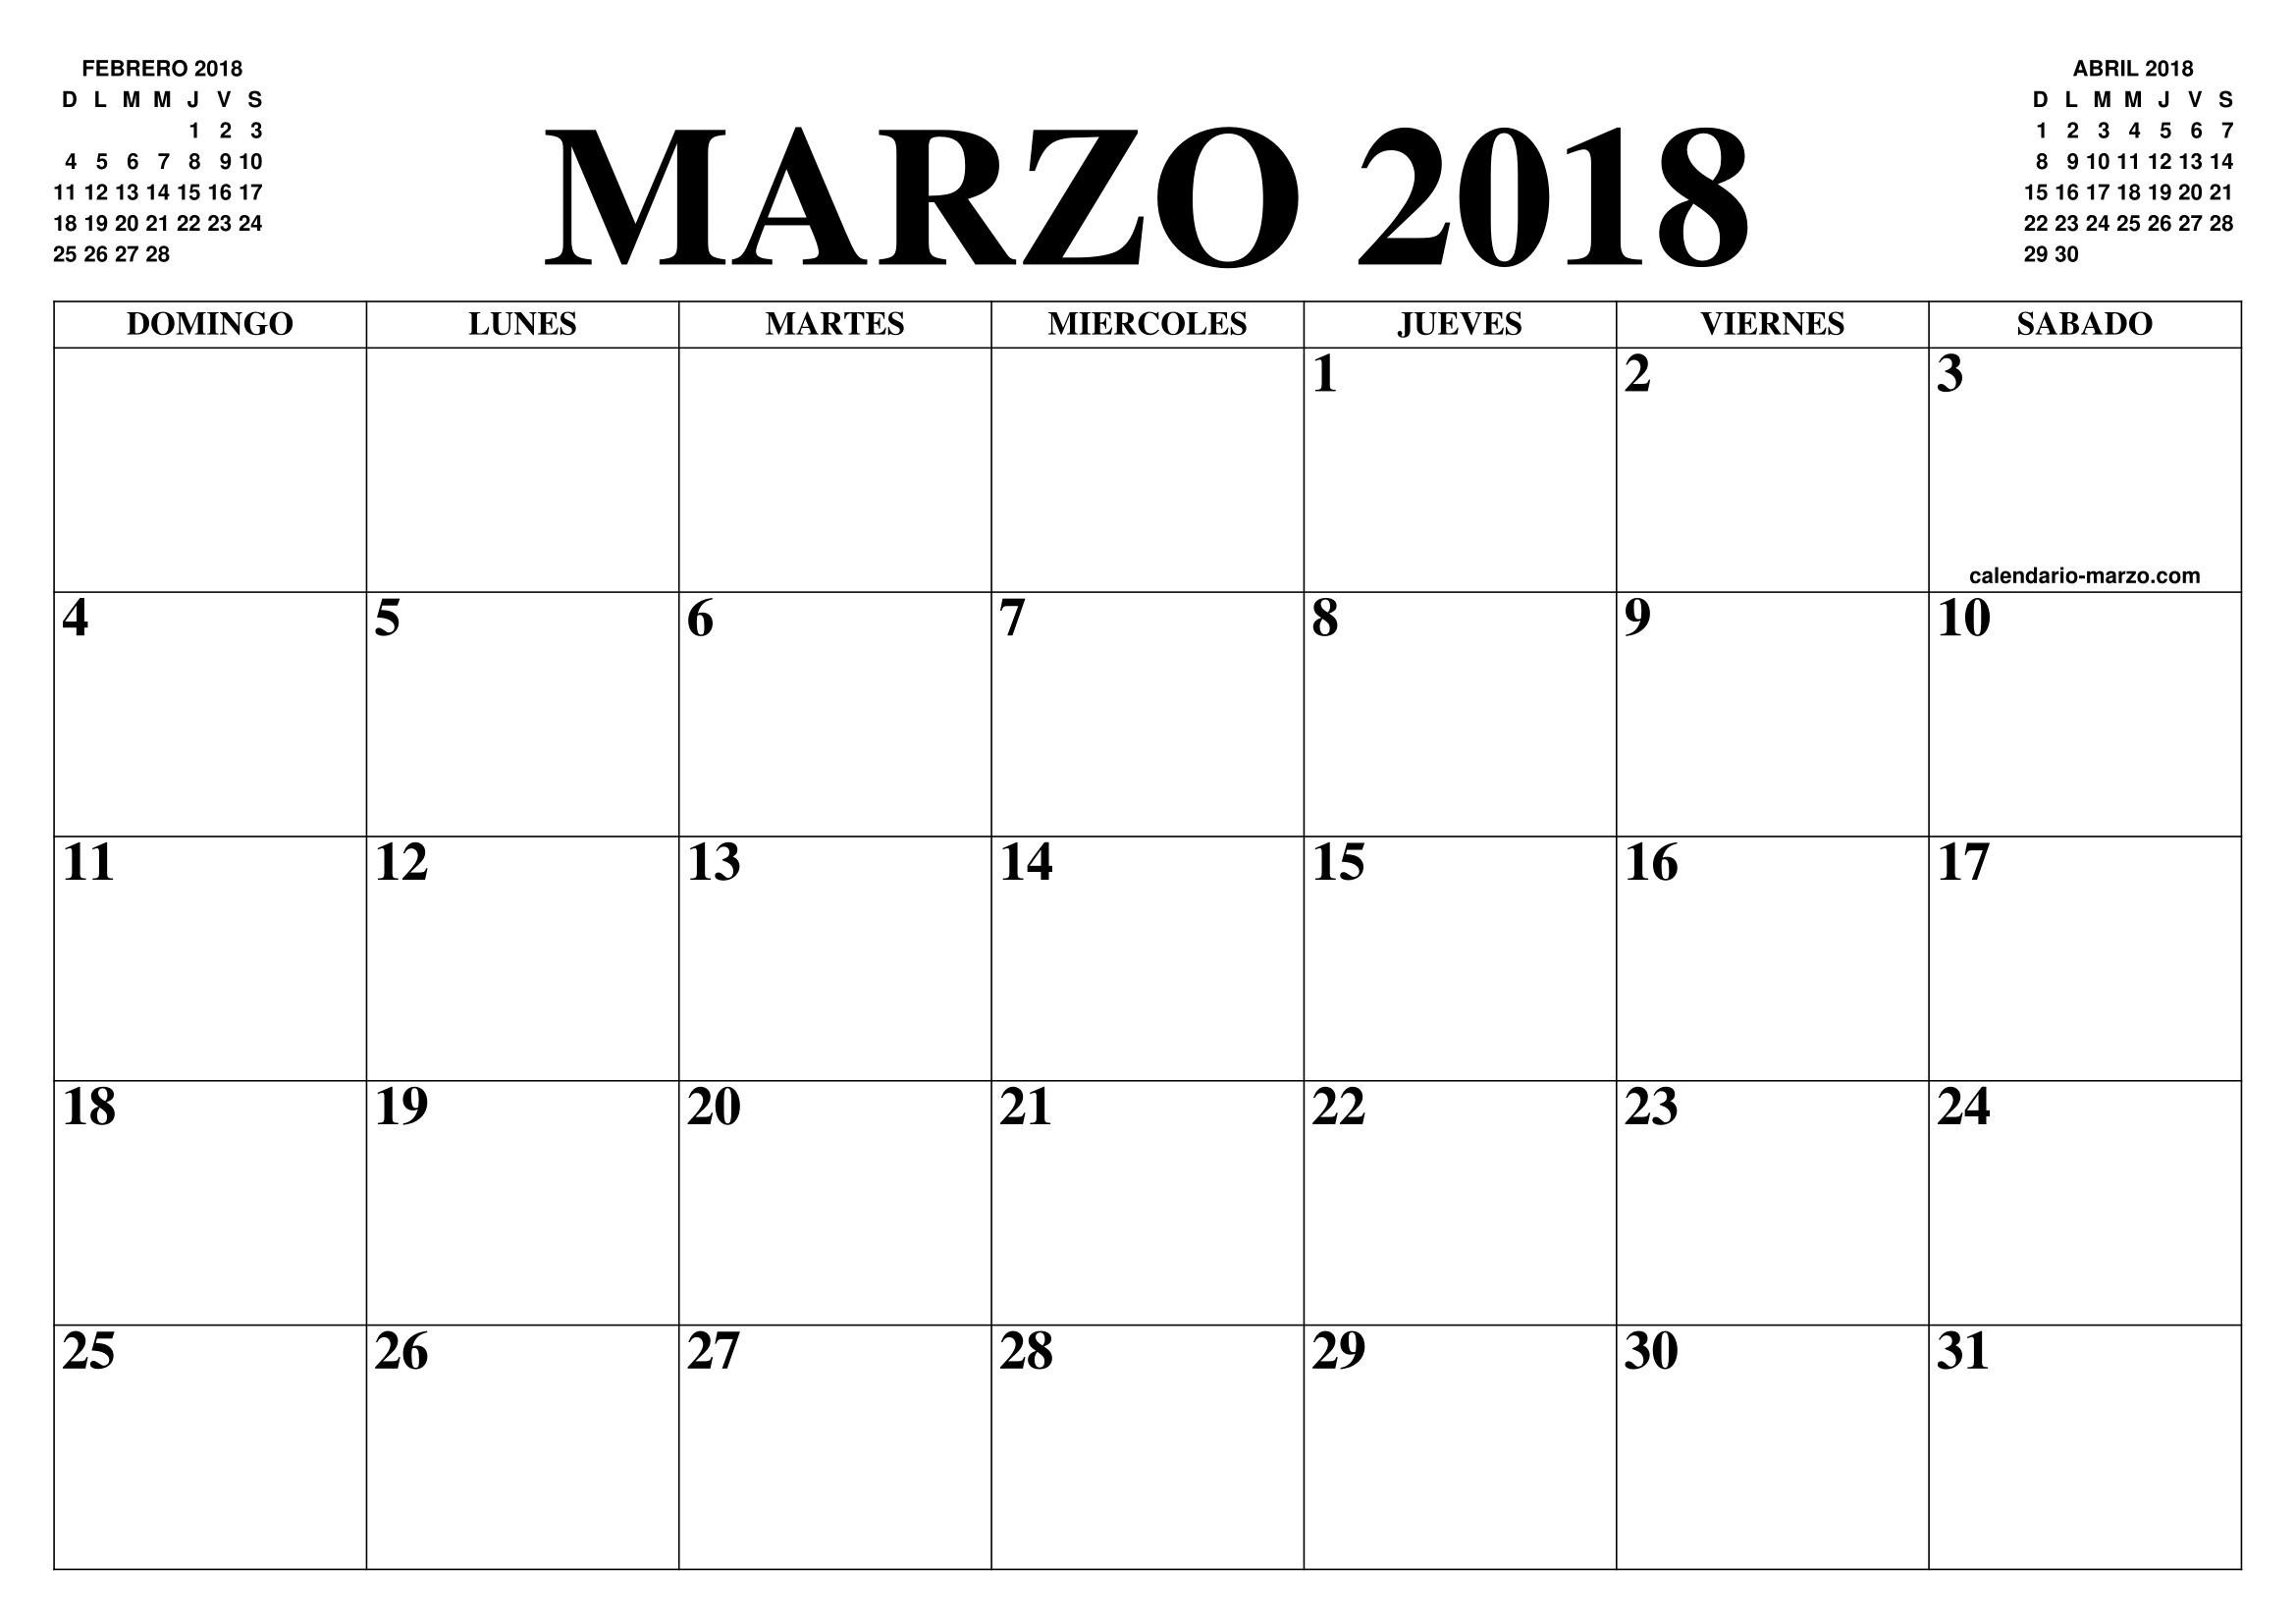 Calendario Febrero 2018 Png Más Arriba-a-fecha Informes Calendario 2019 Para Imprimir Con Festivos Espa±a